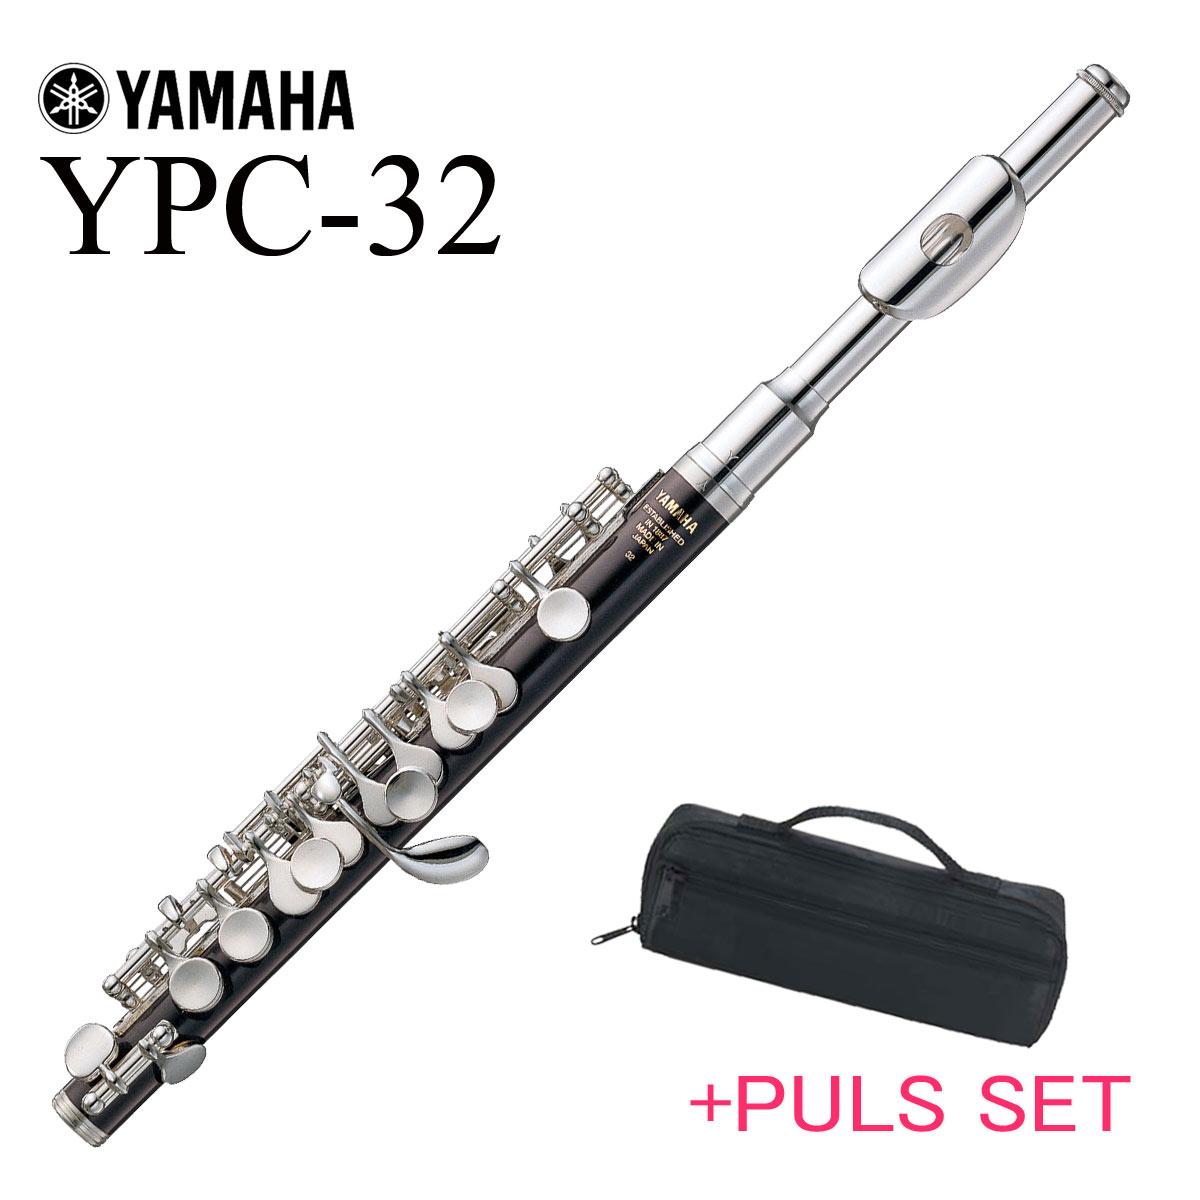 【在庫あり】YAMAHA / YPC-32 ヤマハ ピッコロ PICCOLO プラスチック管体【ケースカバーセット】【5年保証】